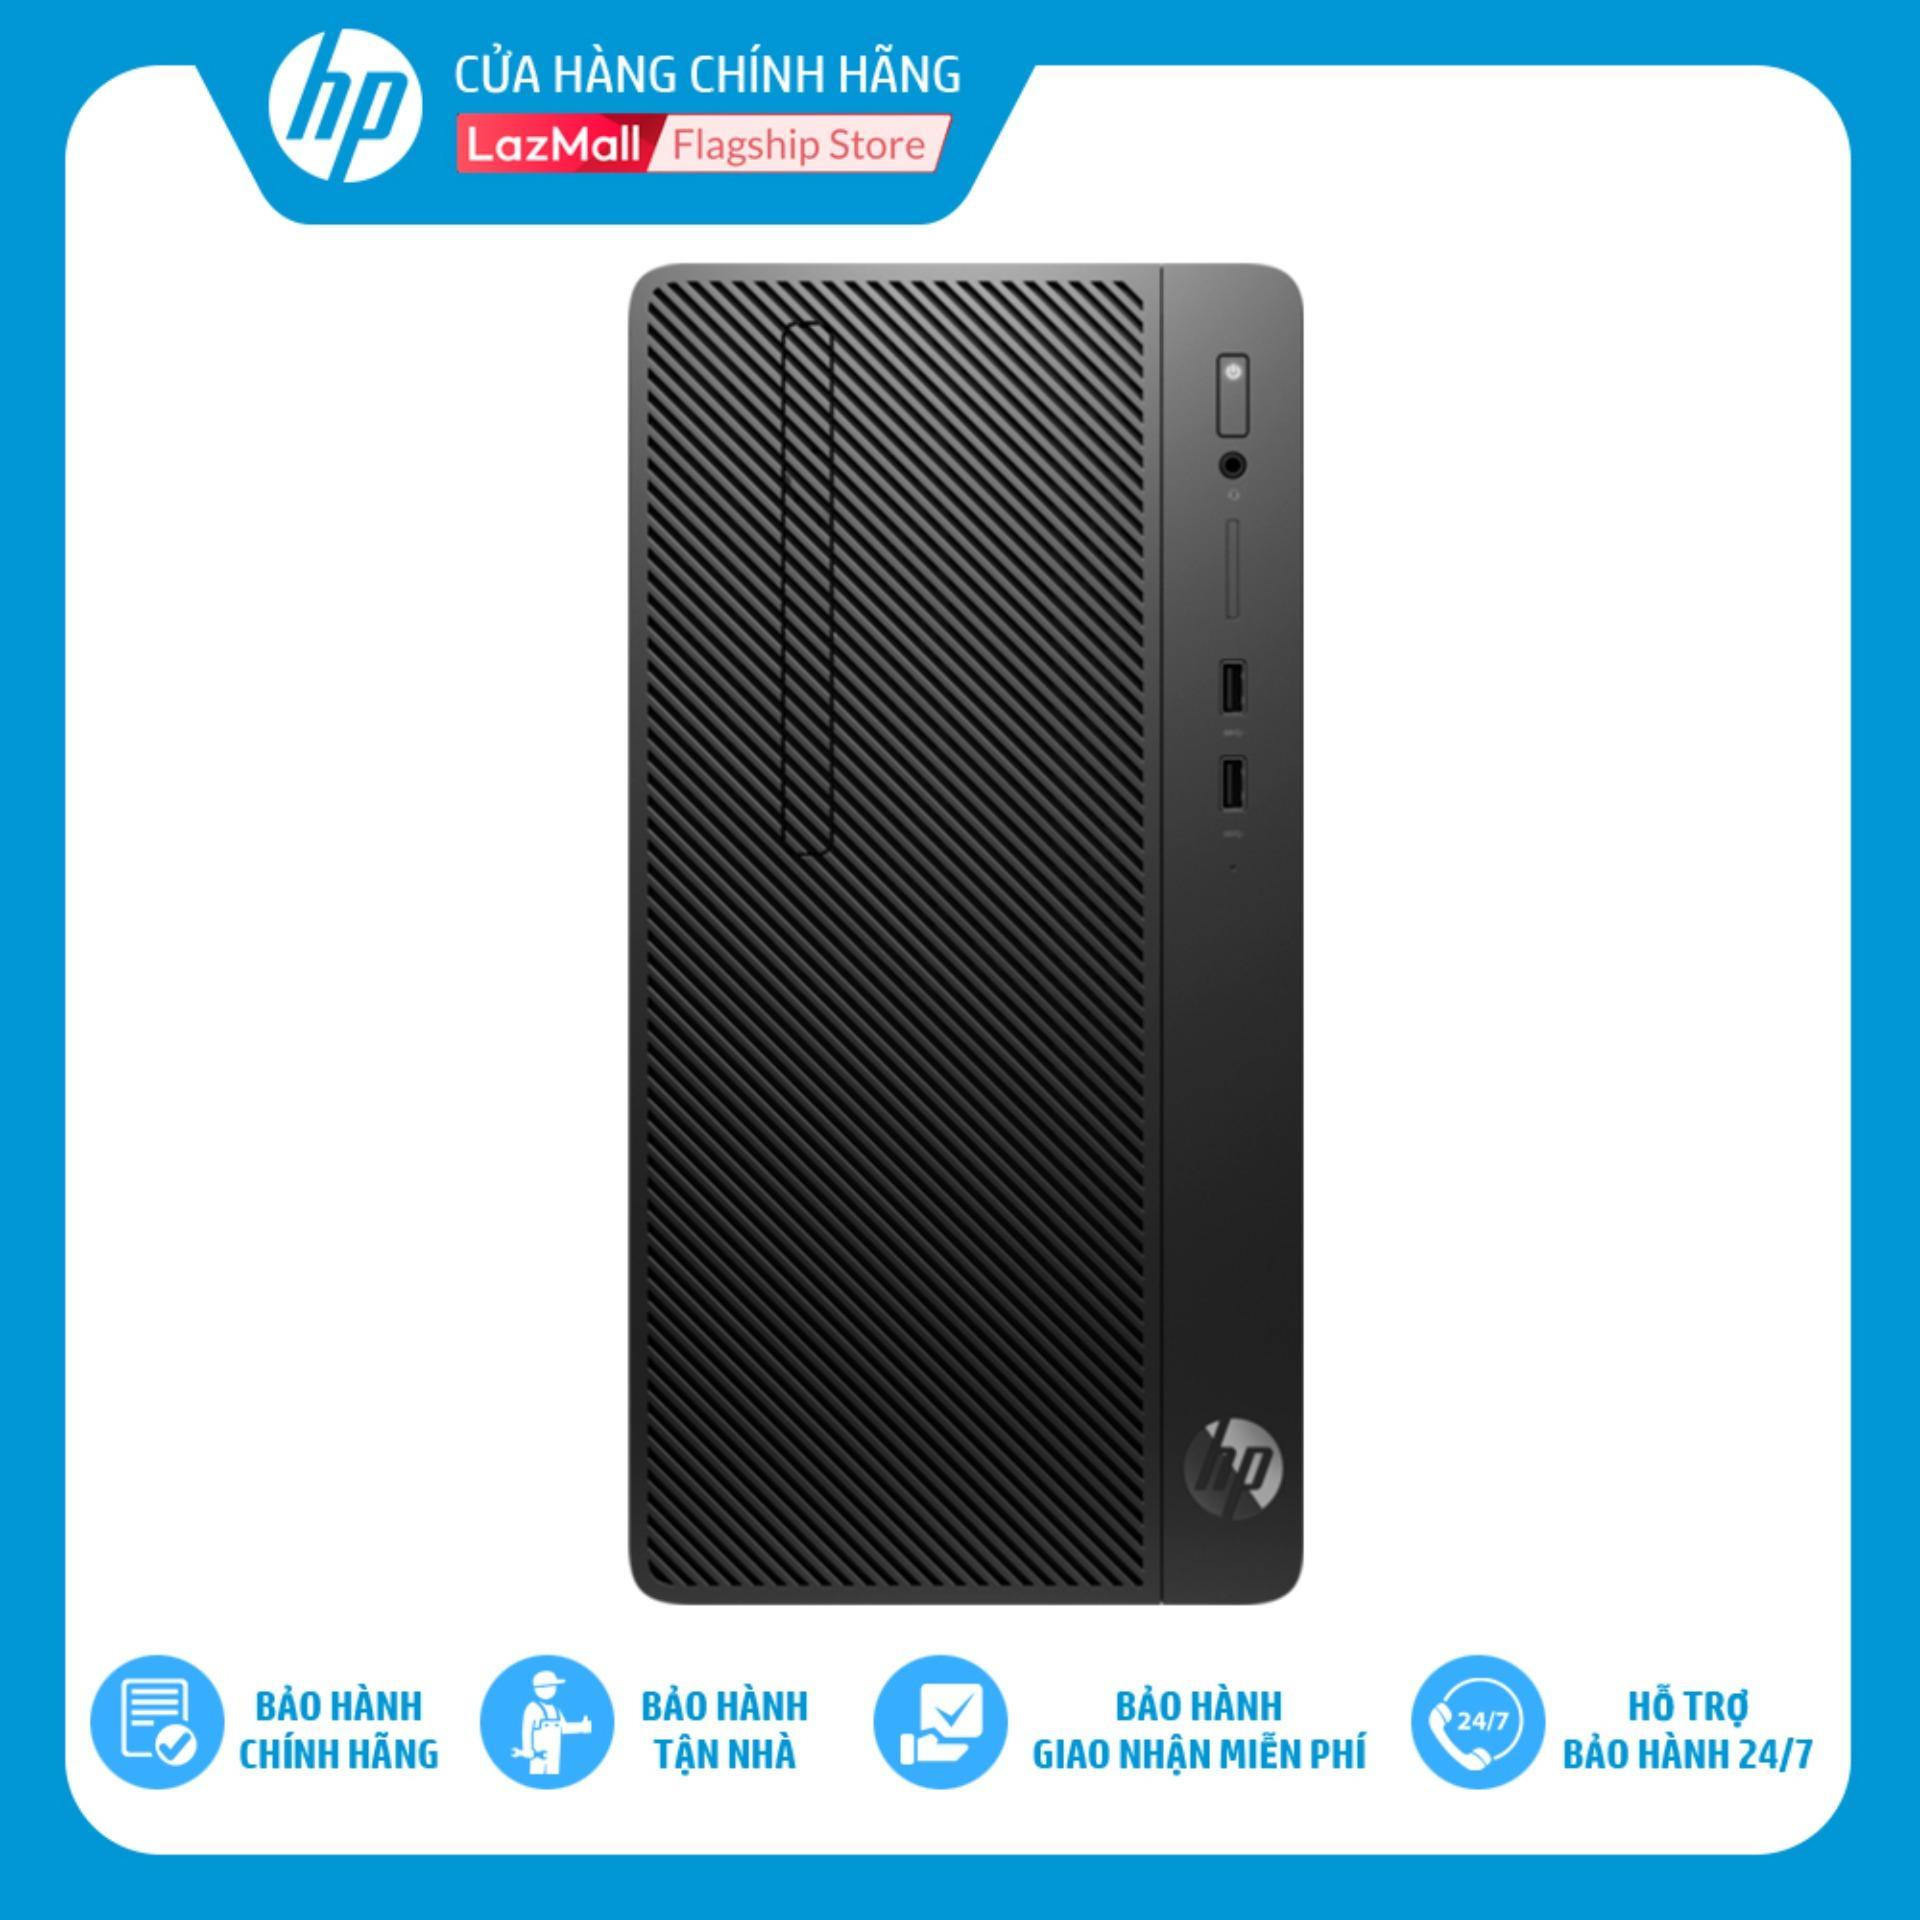 Máy Tính để Bàn HP 280 G4 PCI Microtower (Core I5-8400/4GB RAM DDR4/1TB HDD/4LW11PA) - Hàng Chính Hãng Giá Cực Ngầu